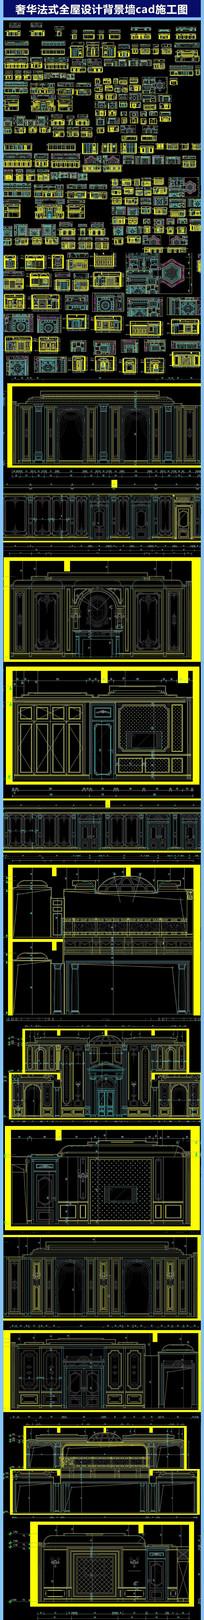 奢华法式全屋设计背景墙cad施工图